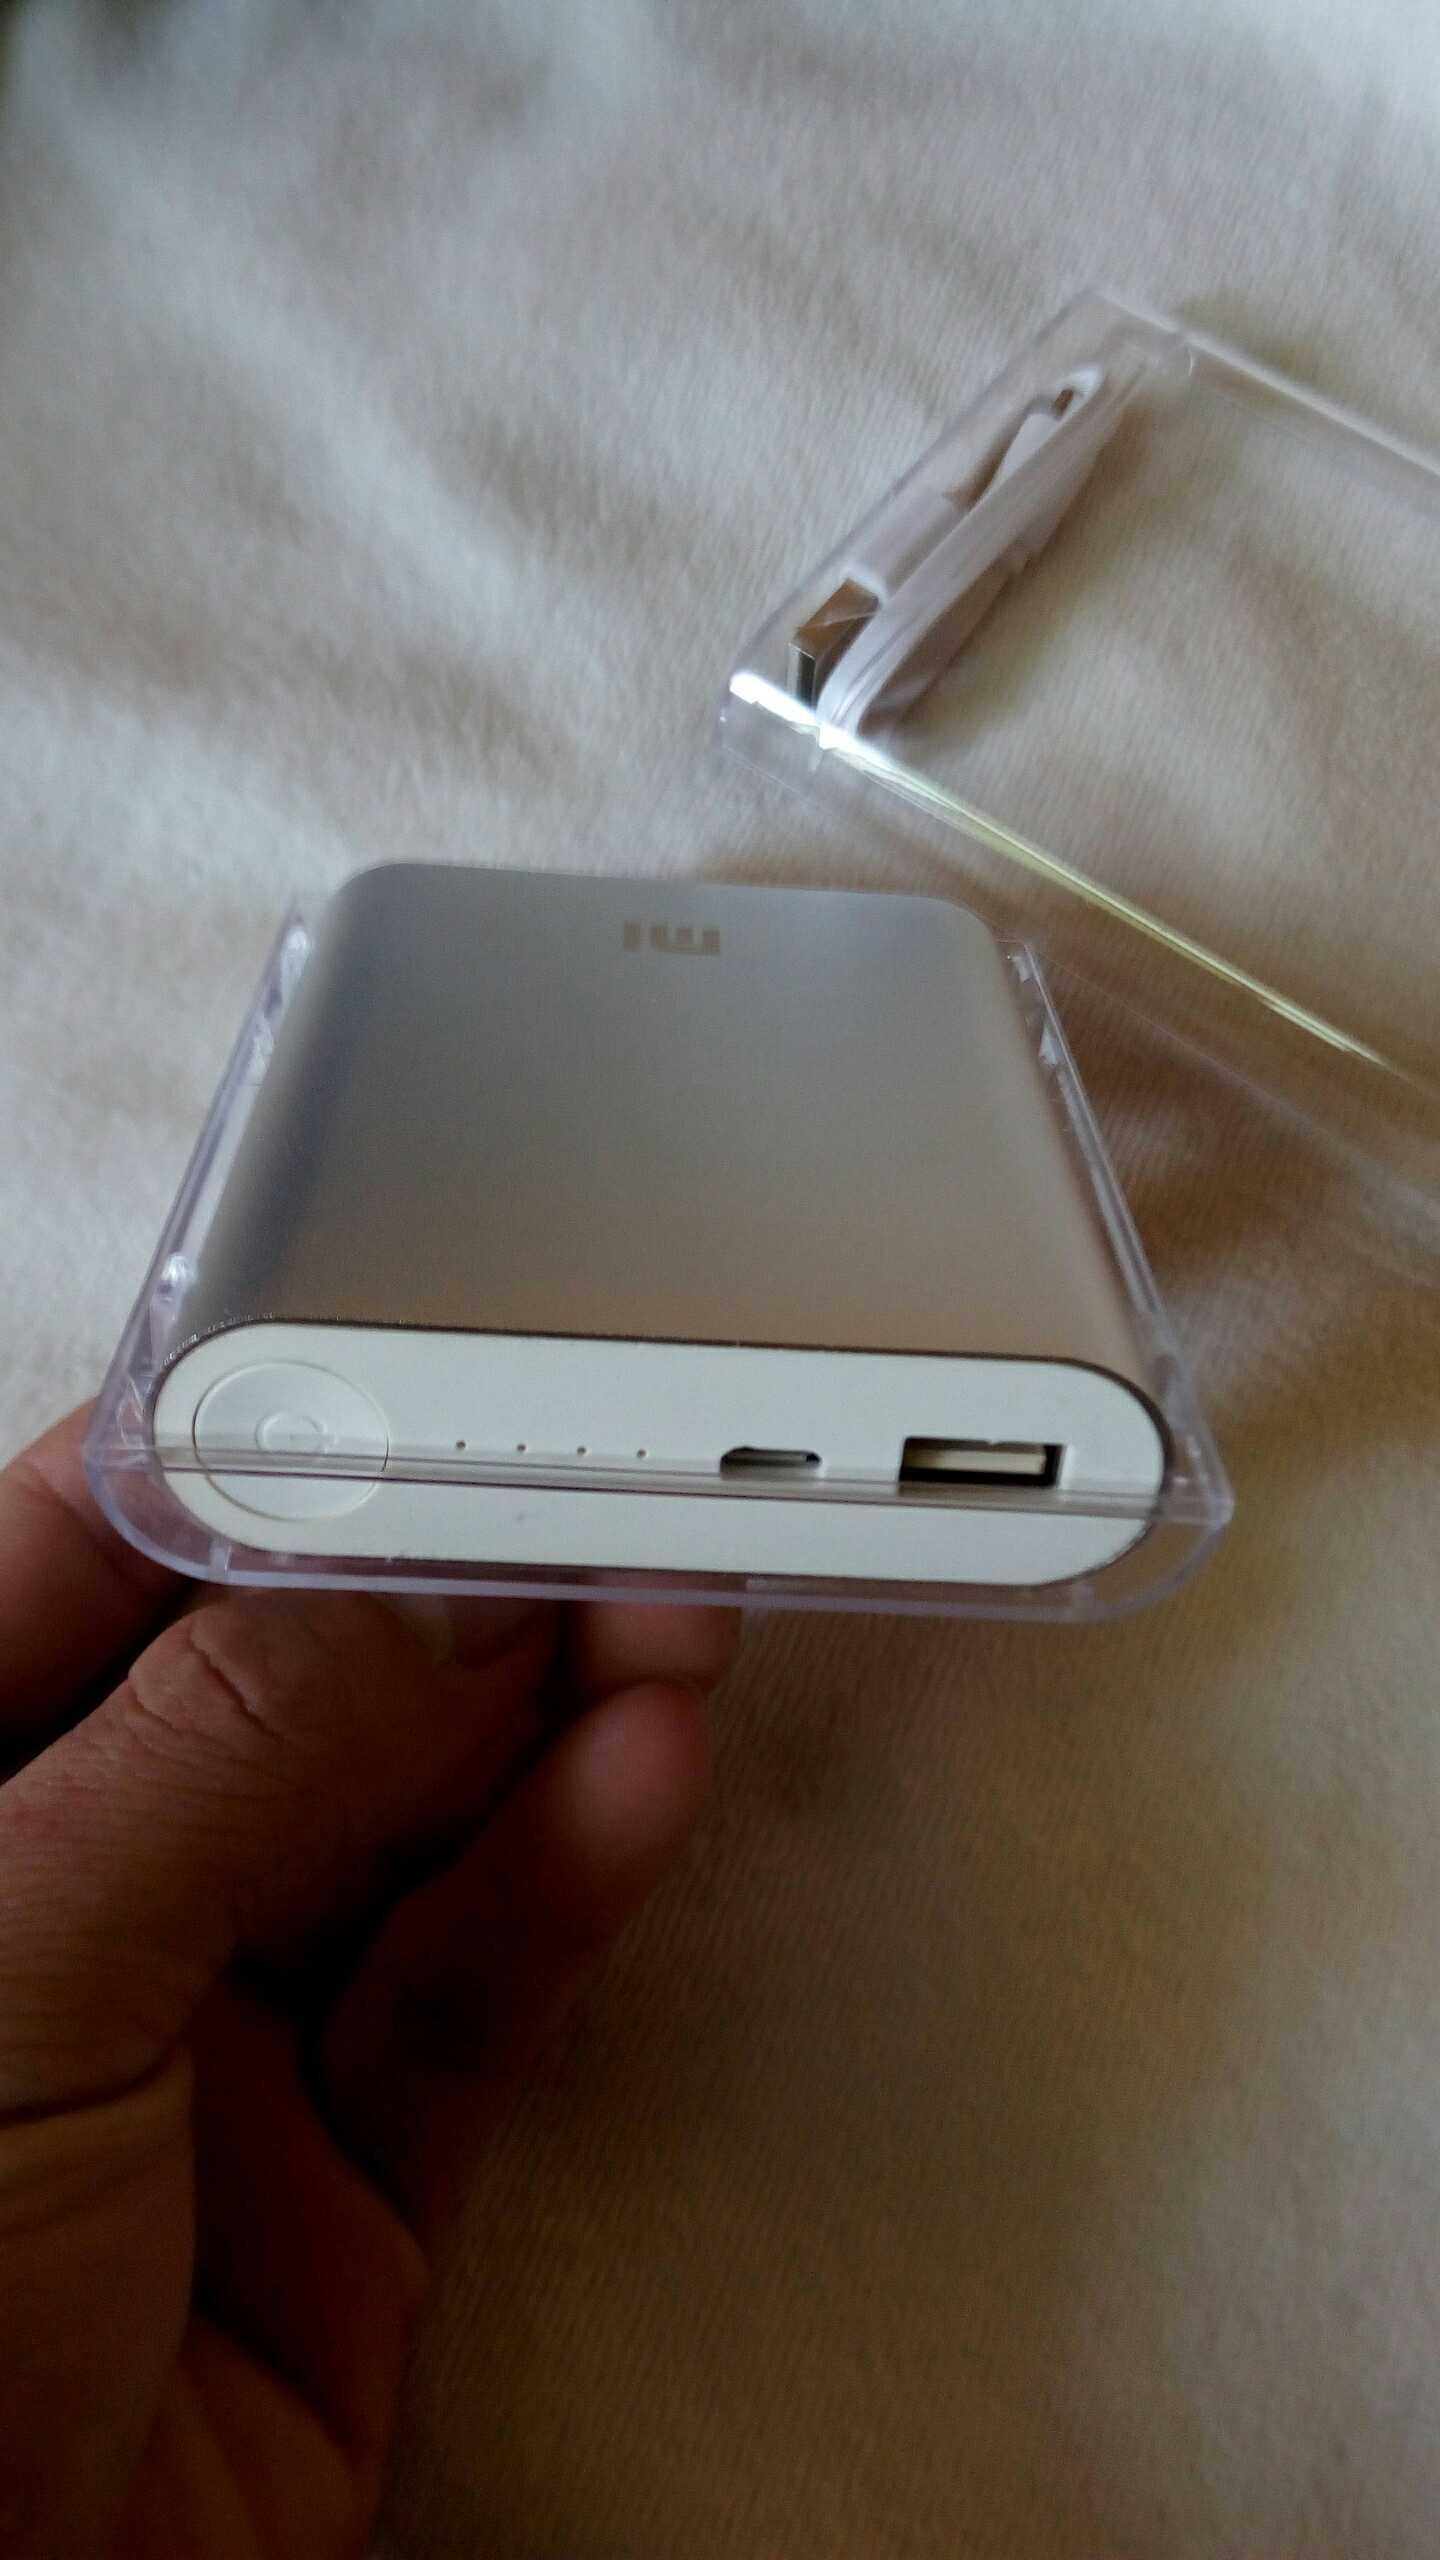 Réchauffeur USB pour les mains - Ref 415774 Image 11